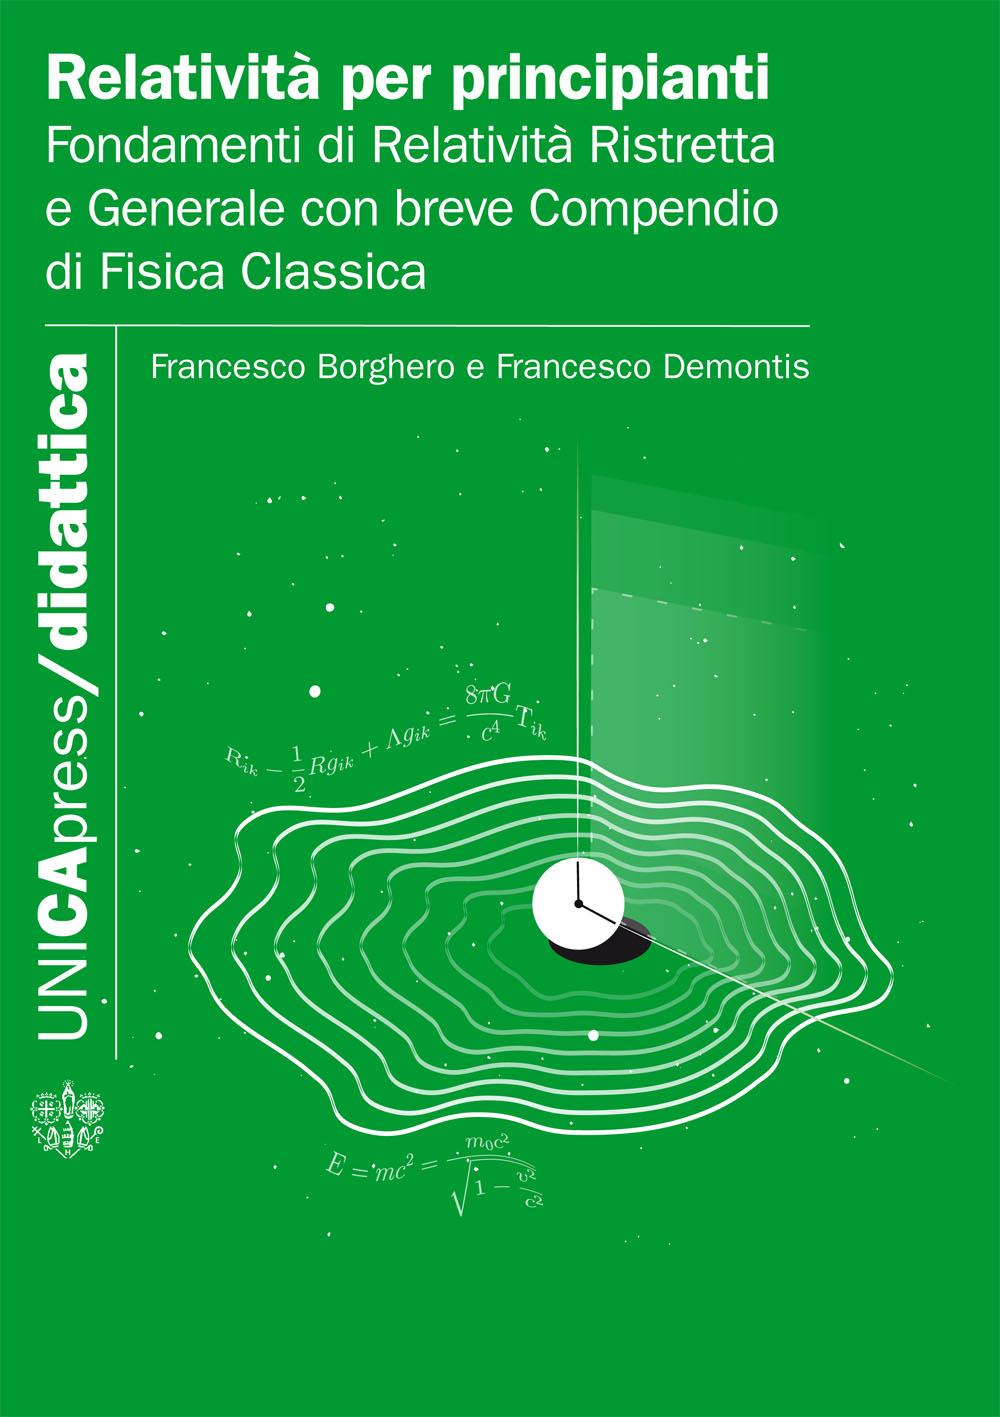 Relatività per principianti - Bononia University Press